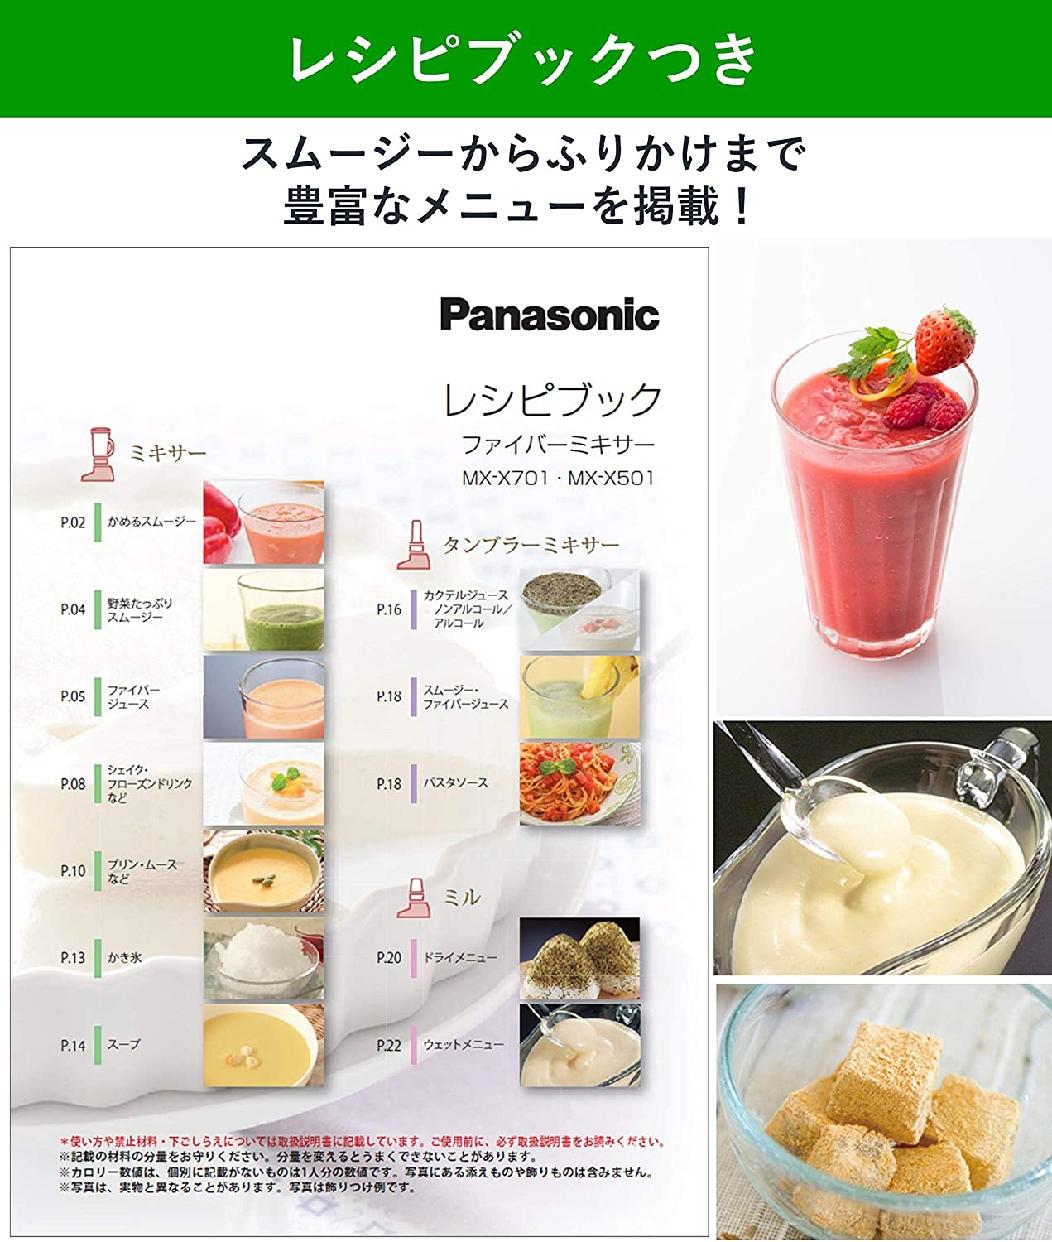 Panasonic(パナソニック) ファイバーミキサー シャンパンゴールド MX-X501の商品画像6